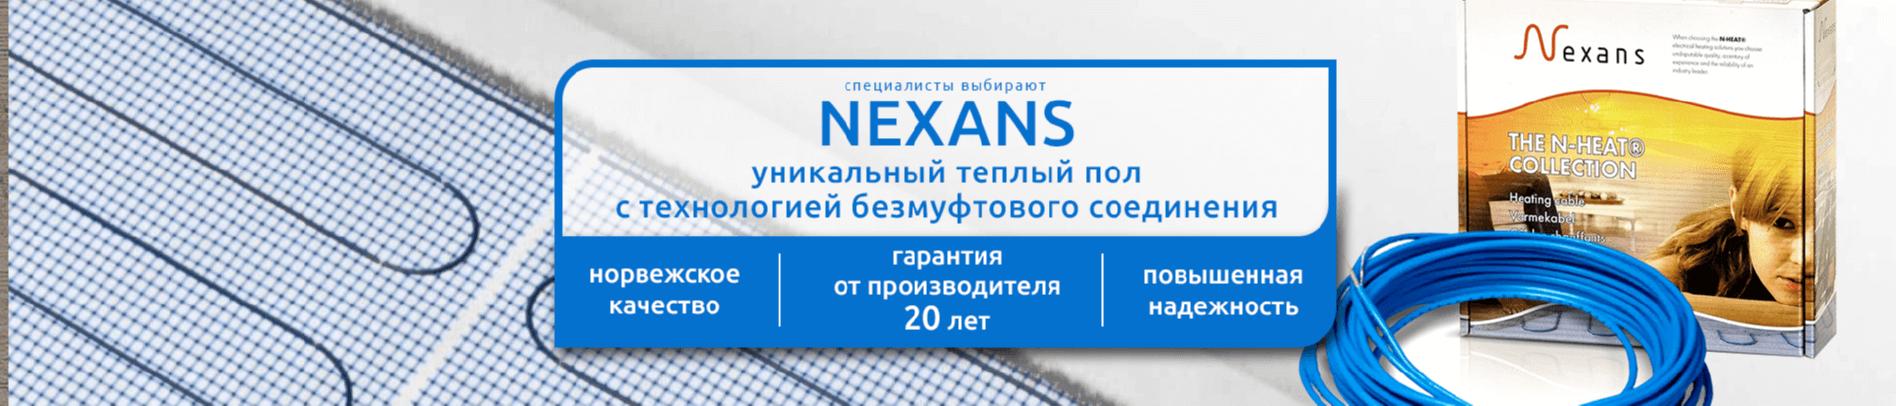 Специалисты выбирают Nexans - уникальный теплый пол с технологией безмуфотового соединения